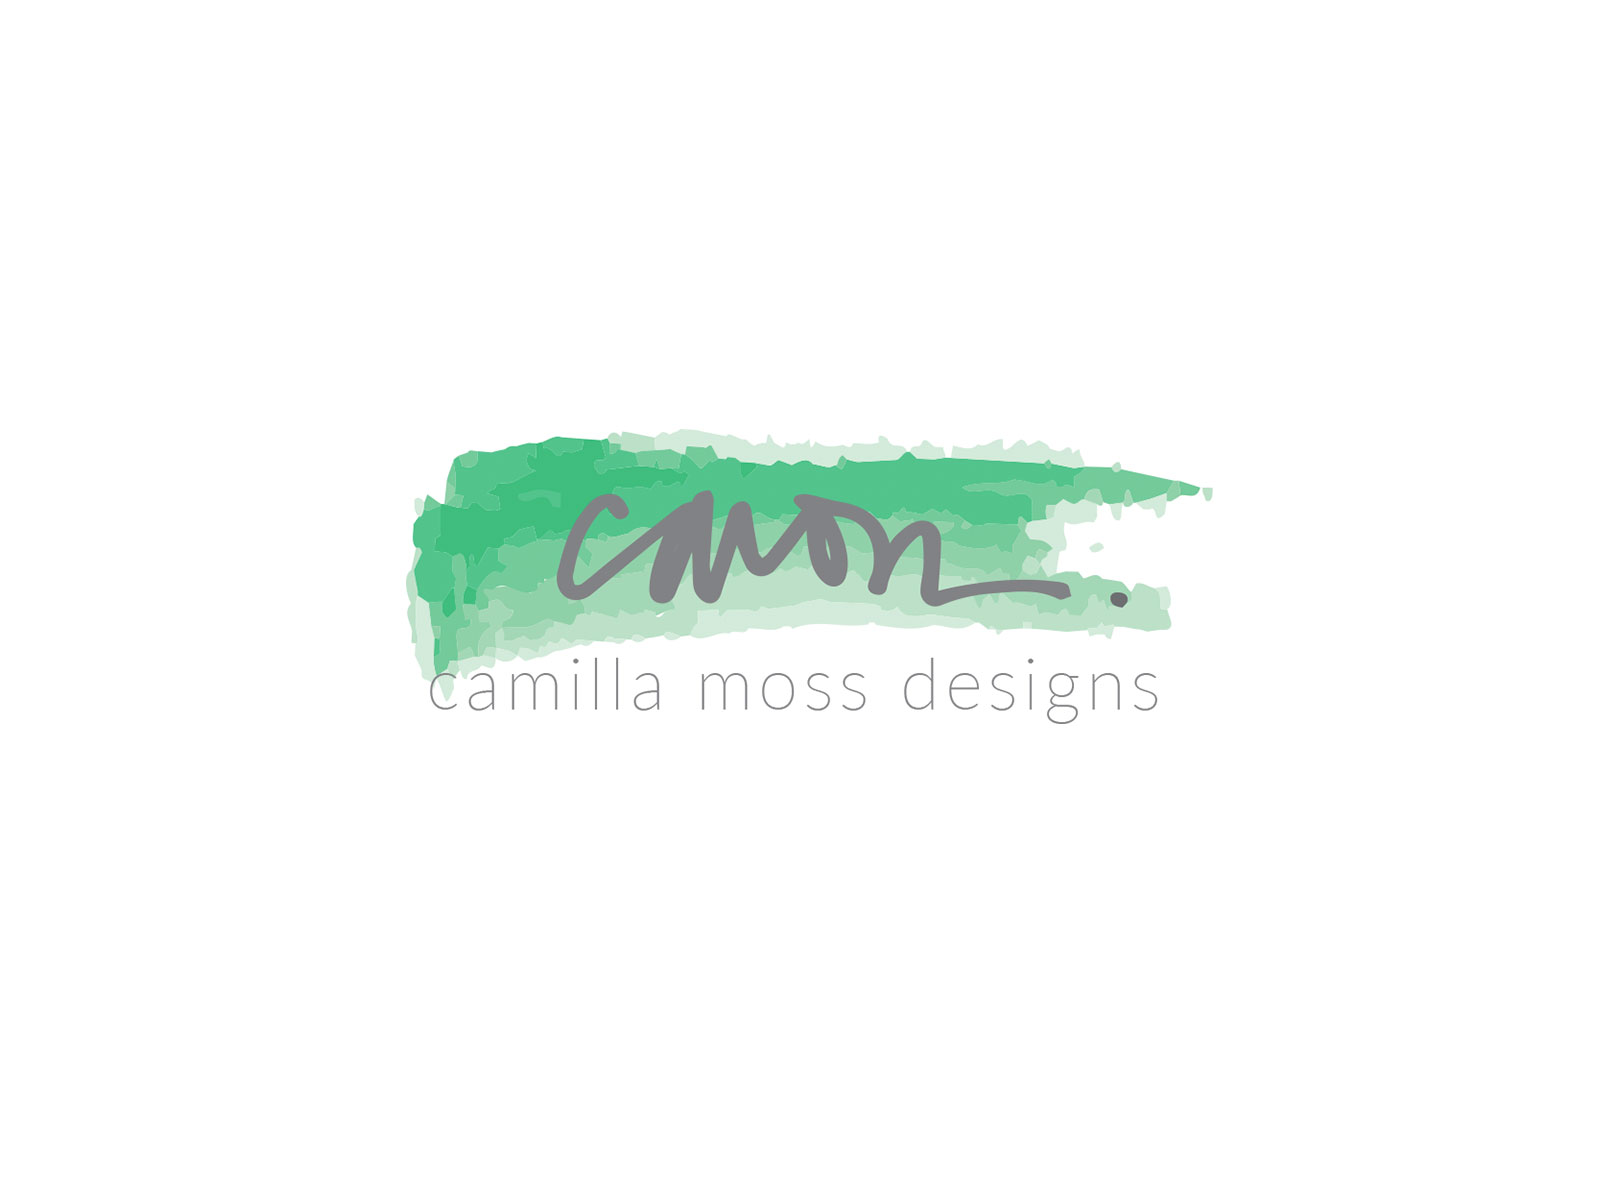 Camilia-Moss-Designs.jpg